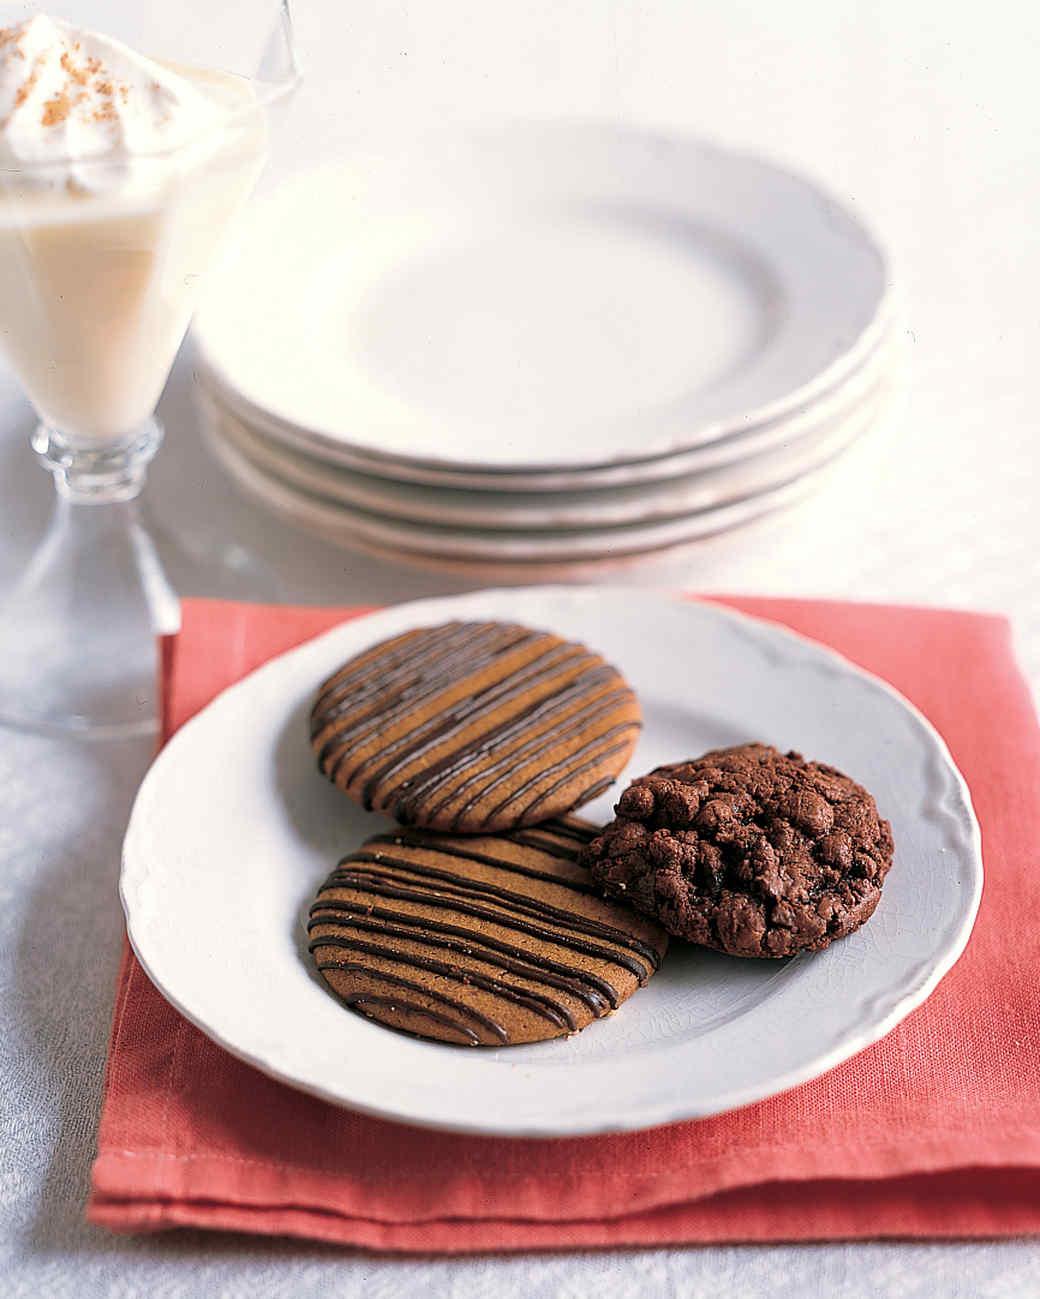 spice-cookies-hol03-mla100264.jpg